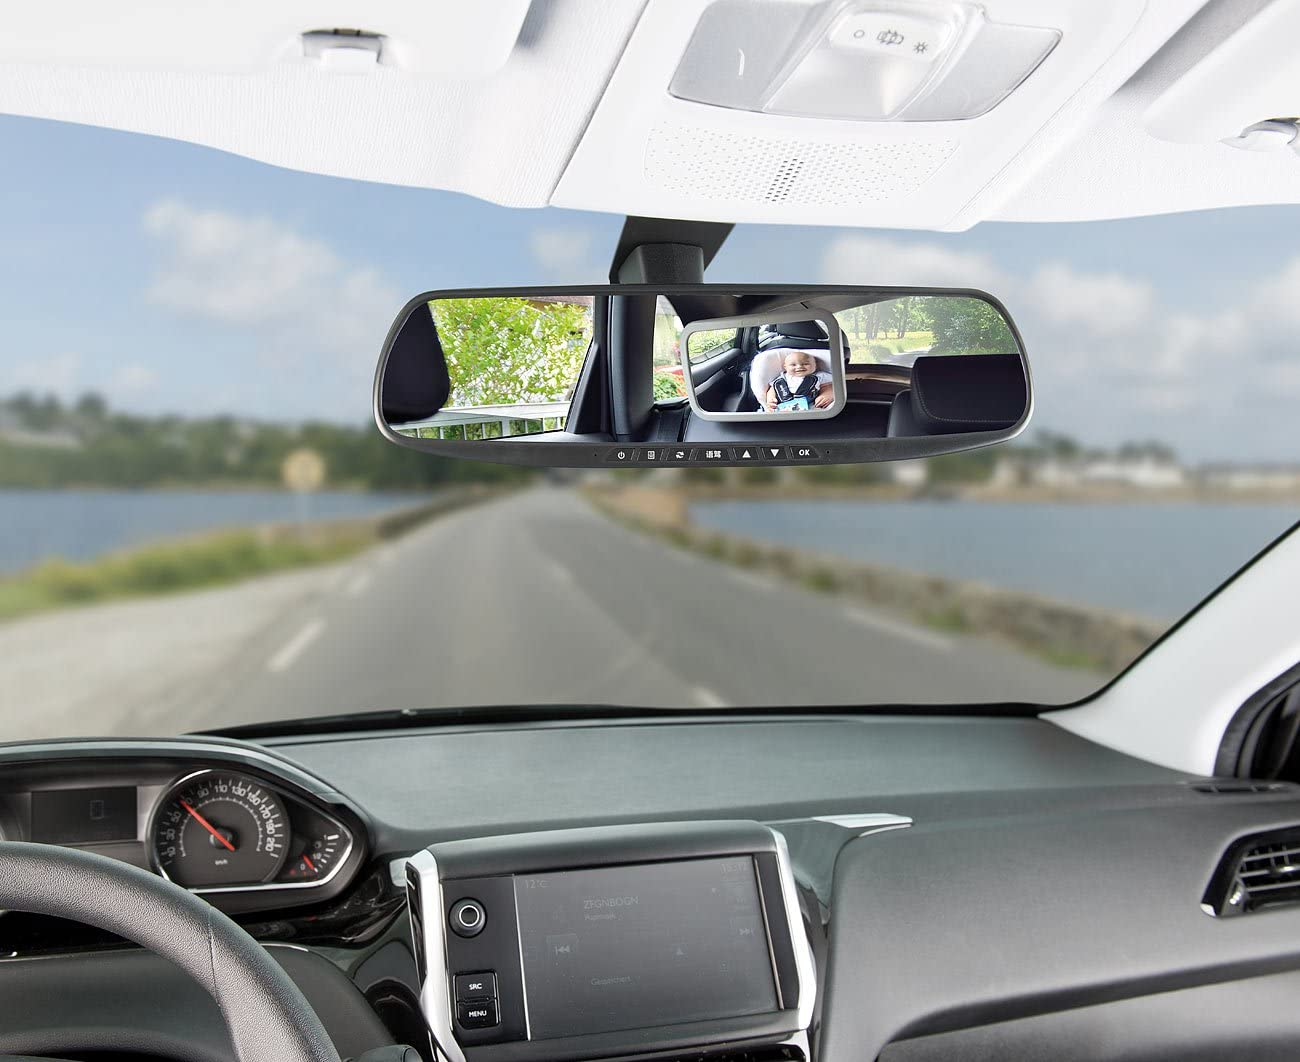 Babyspiegel Auto, Rückspiegel Lescars Babyspiegel Baby-Spiegel fürs Auto